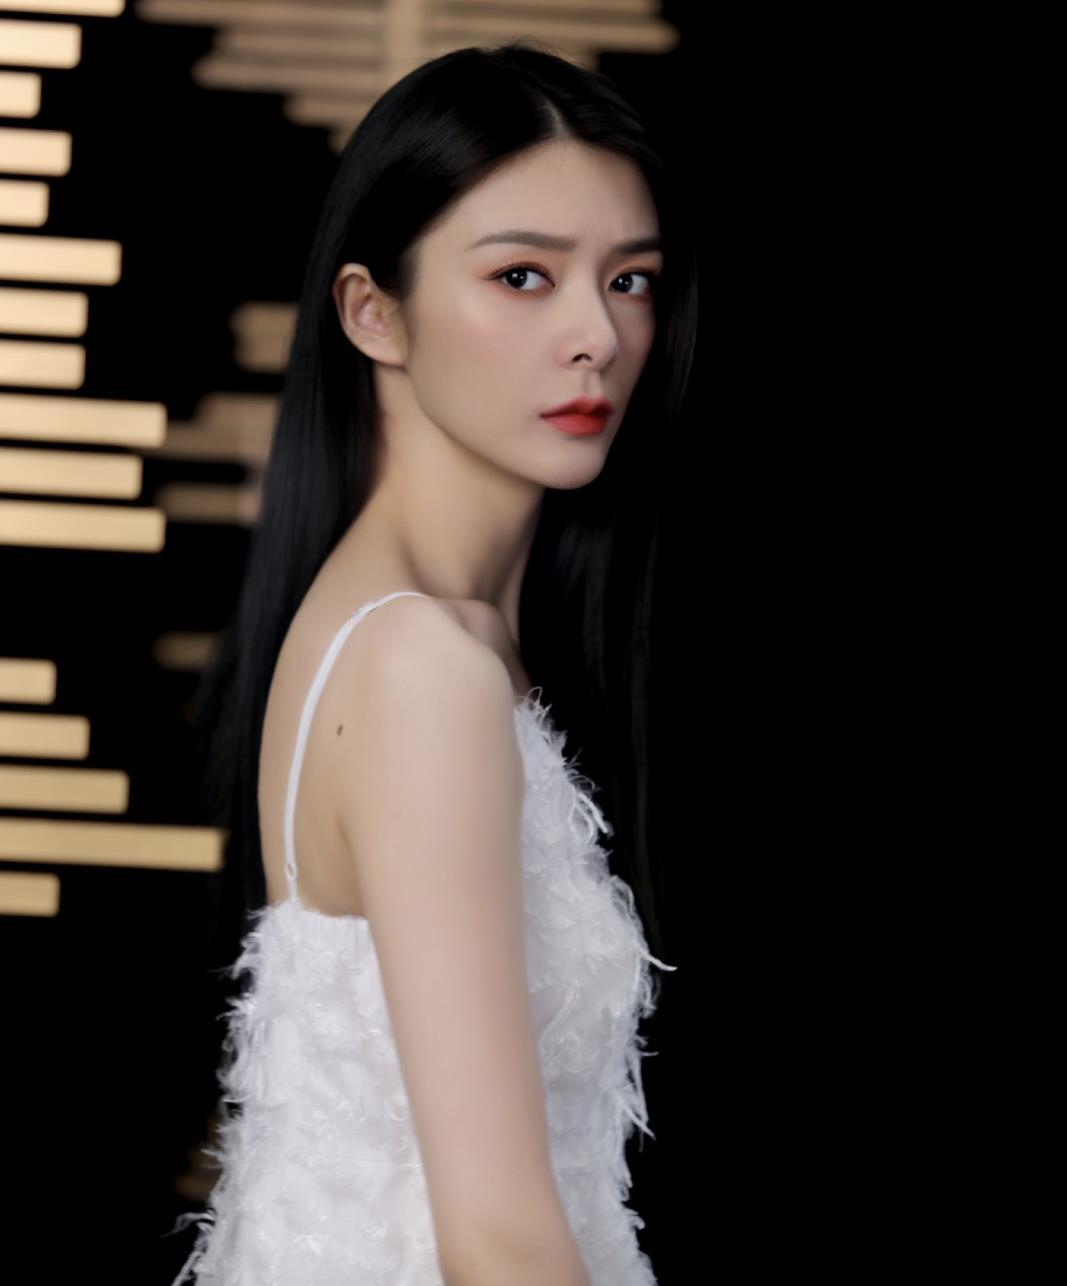 傅菁的唯美穿搭太撩人了,一席白色羽毛连衣裙,美得如仙女